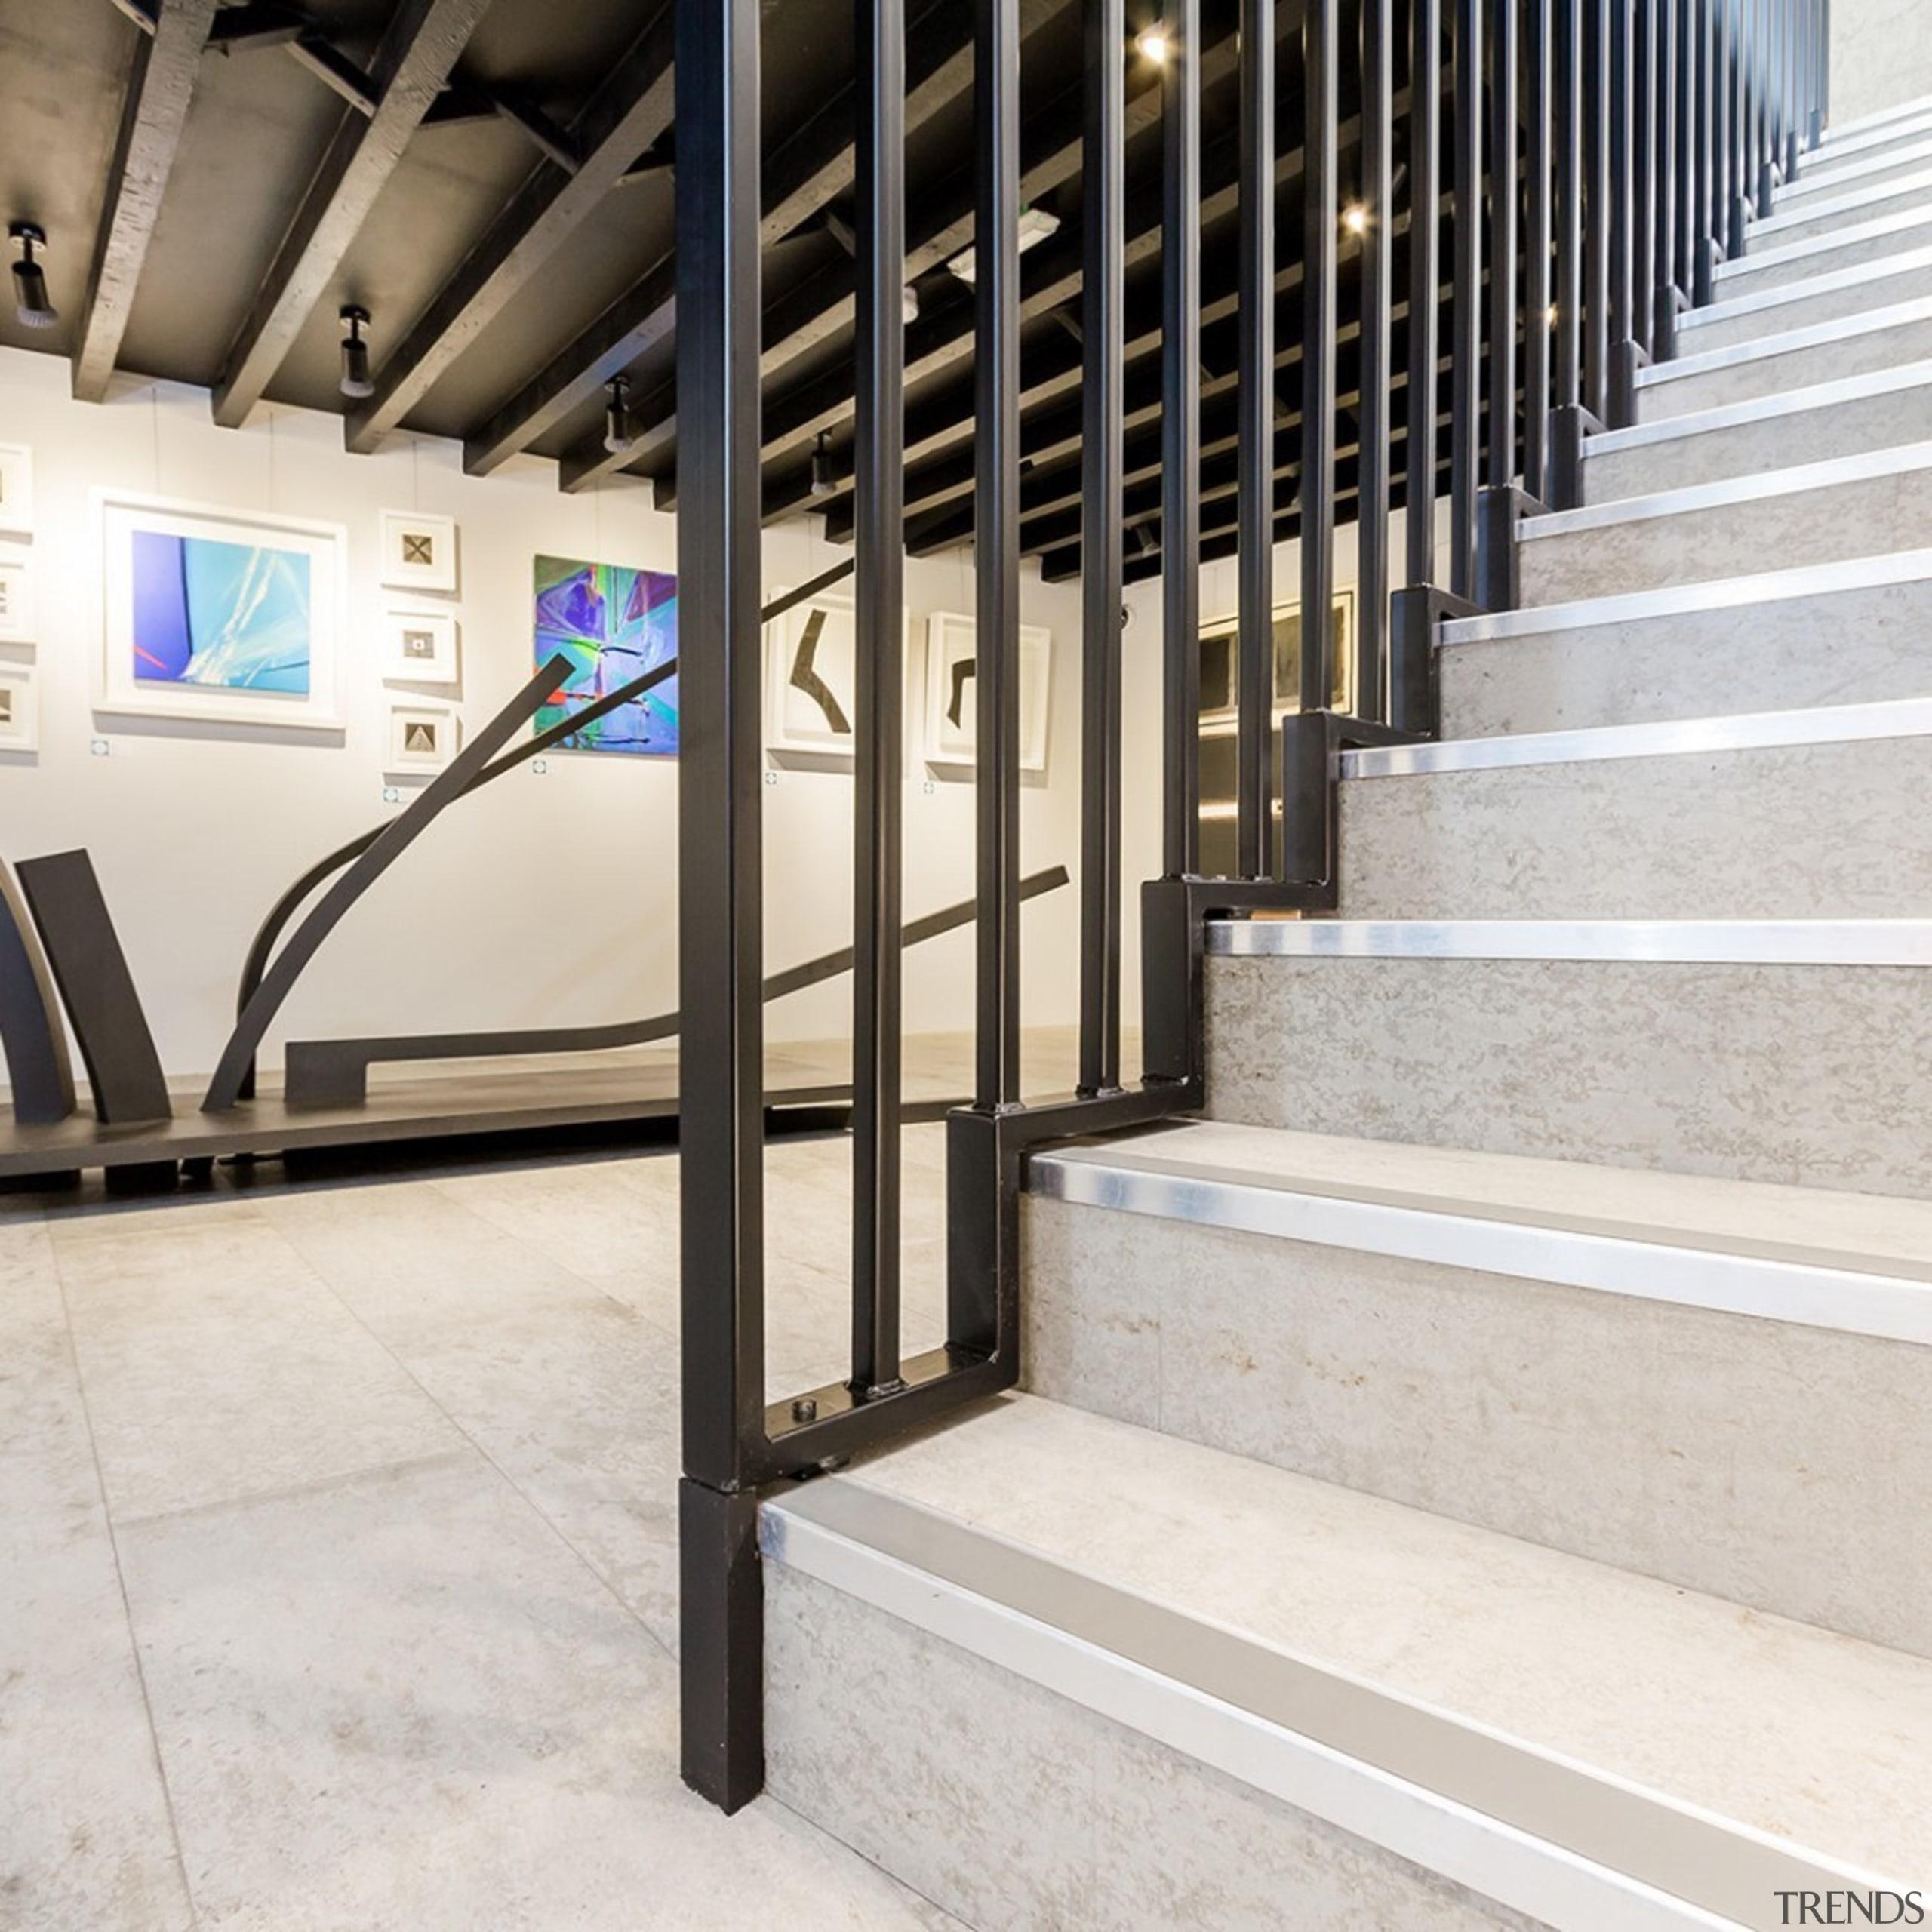 Concreate CF103 5 - Concreate_CF103_5 - floor   floor, flooring, handrail, stairs, white